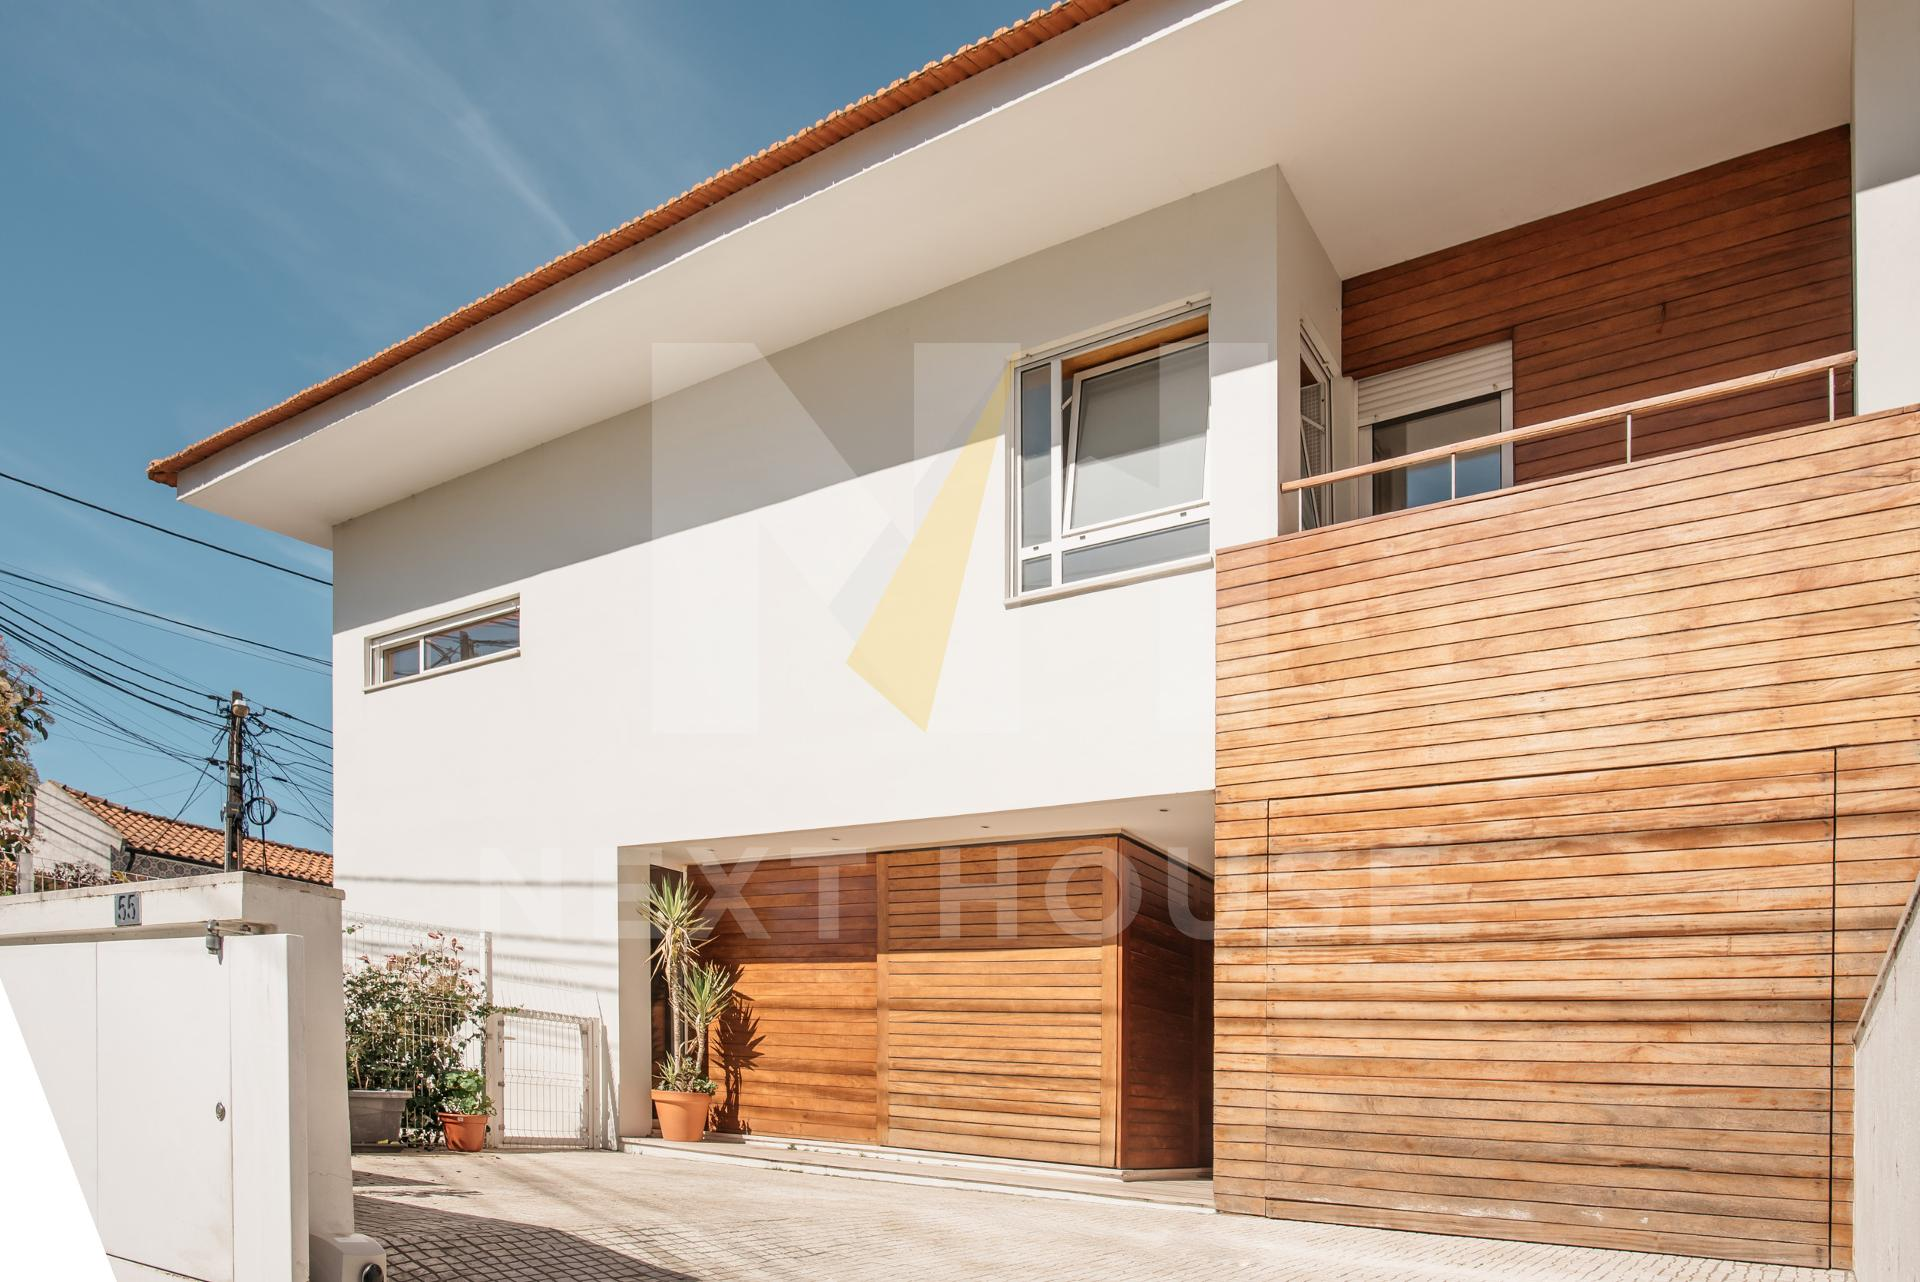 O Seu Lar Moradia T5 em Esgueira  - Aveiro, Esgueira